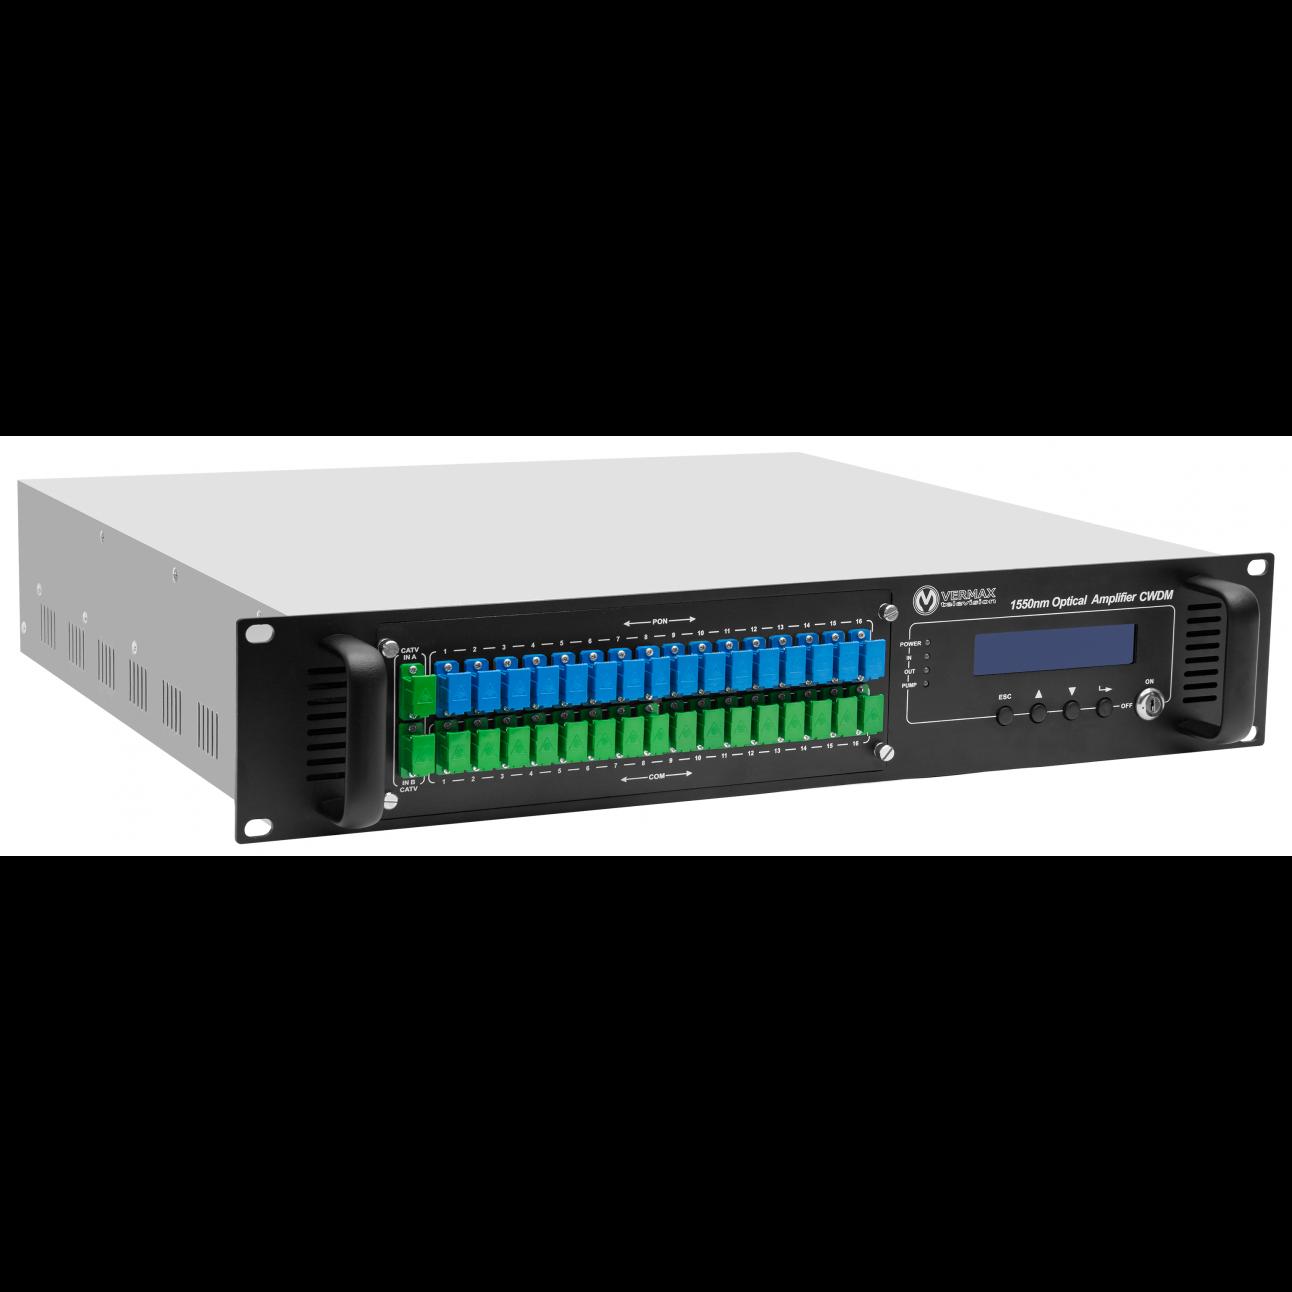 Оптический усилитель VERMAX для сетей КТВ, 2 входа, 32*18dBm выхода, WDM фильтр PON